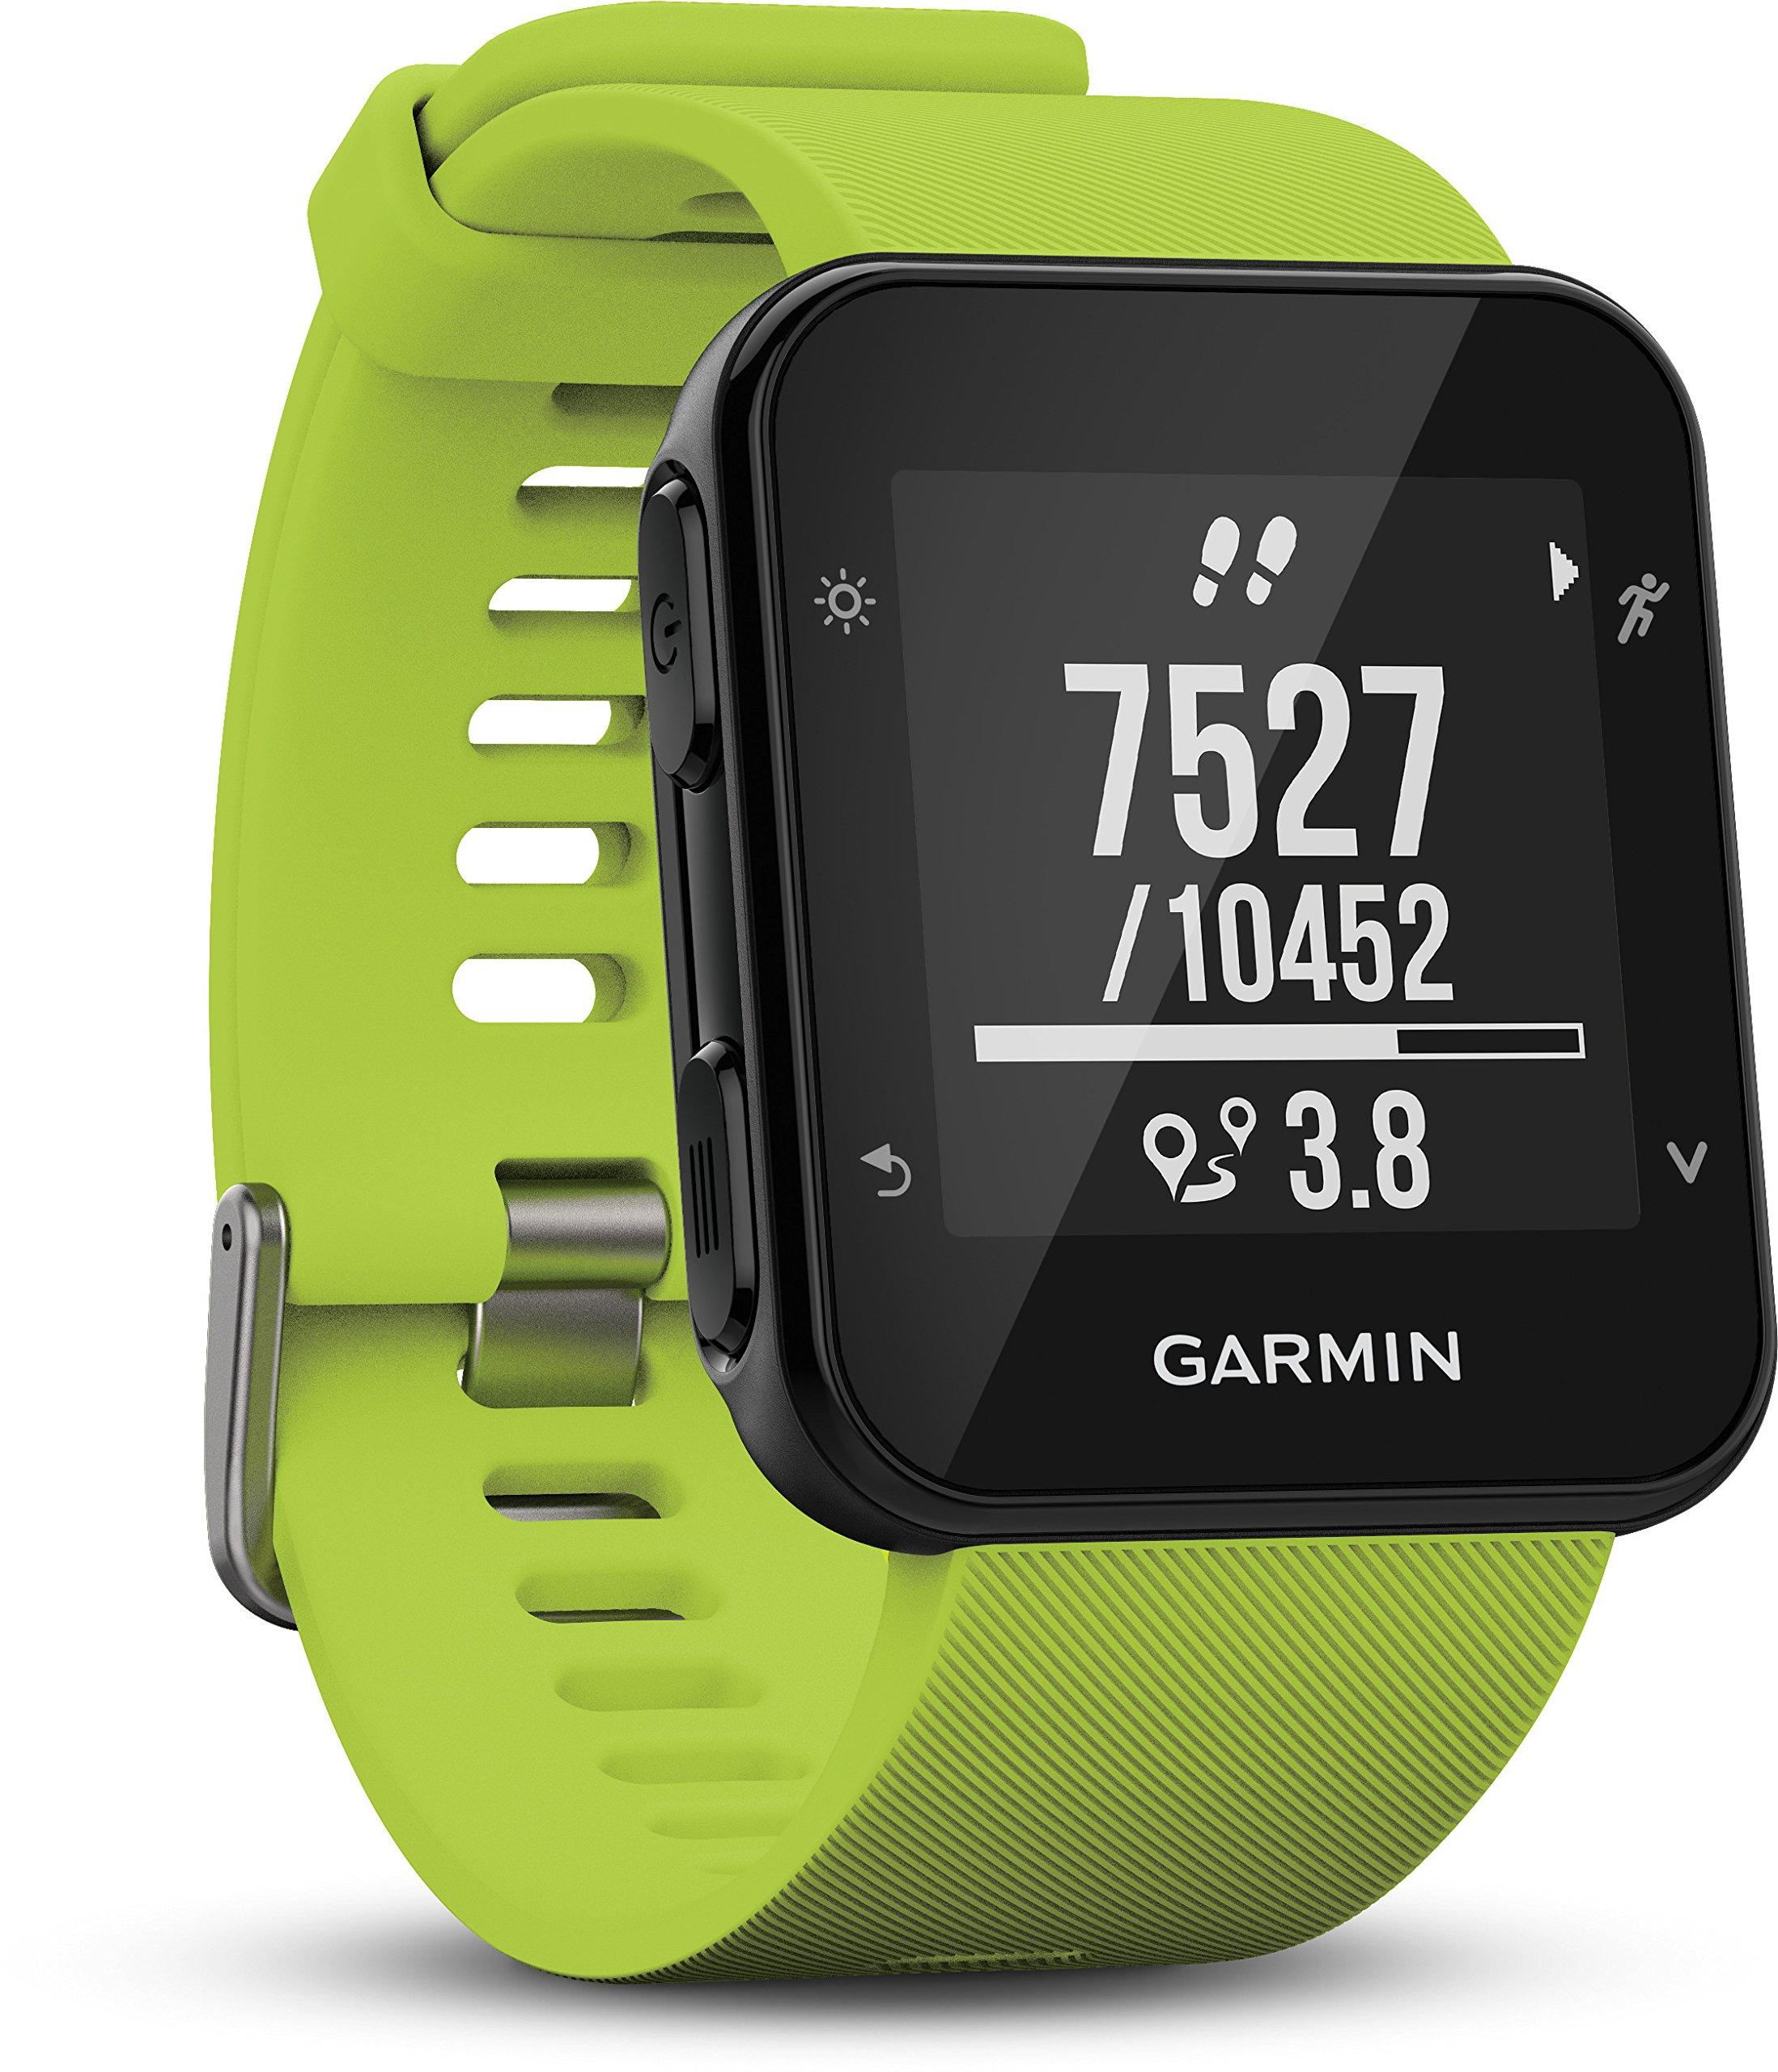 Garmin Forerunner 35 GPS Running Watch con Sensore Cardio al Polso, Connettività Smart e Monitoraggio Attività… 3 spesavip